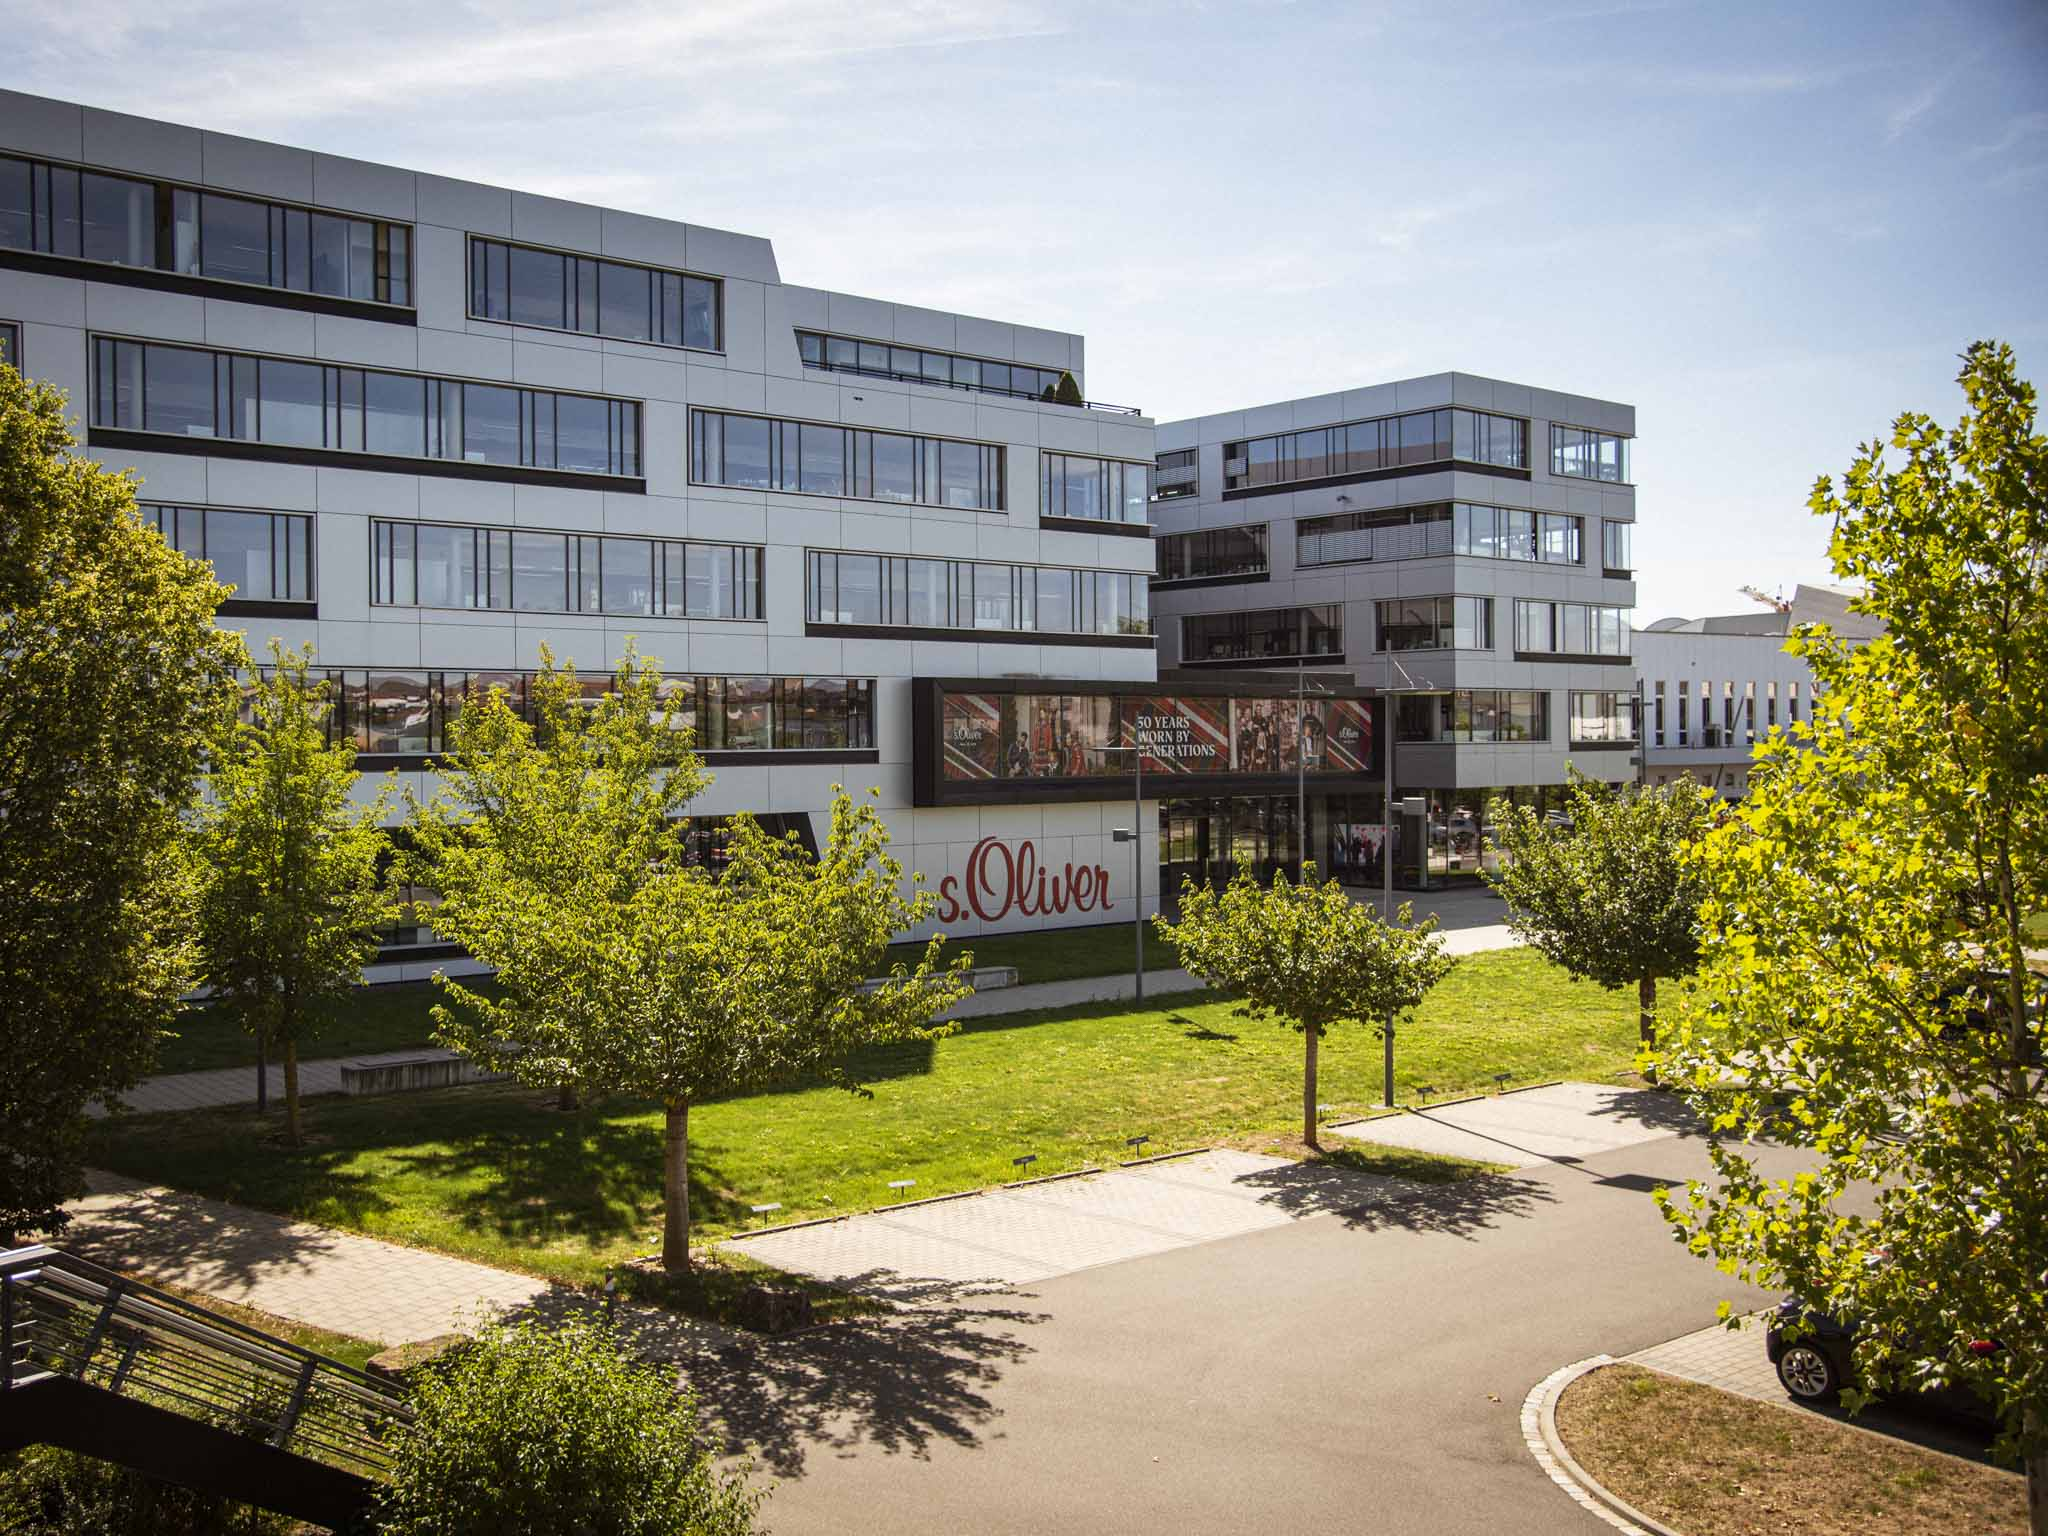 Das s.Oliver Headquarter in Rottendorf. Foto: Dominik Ziegler